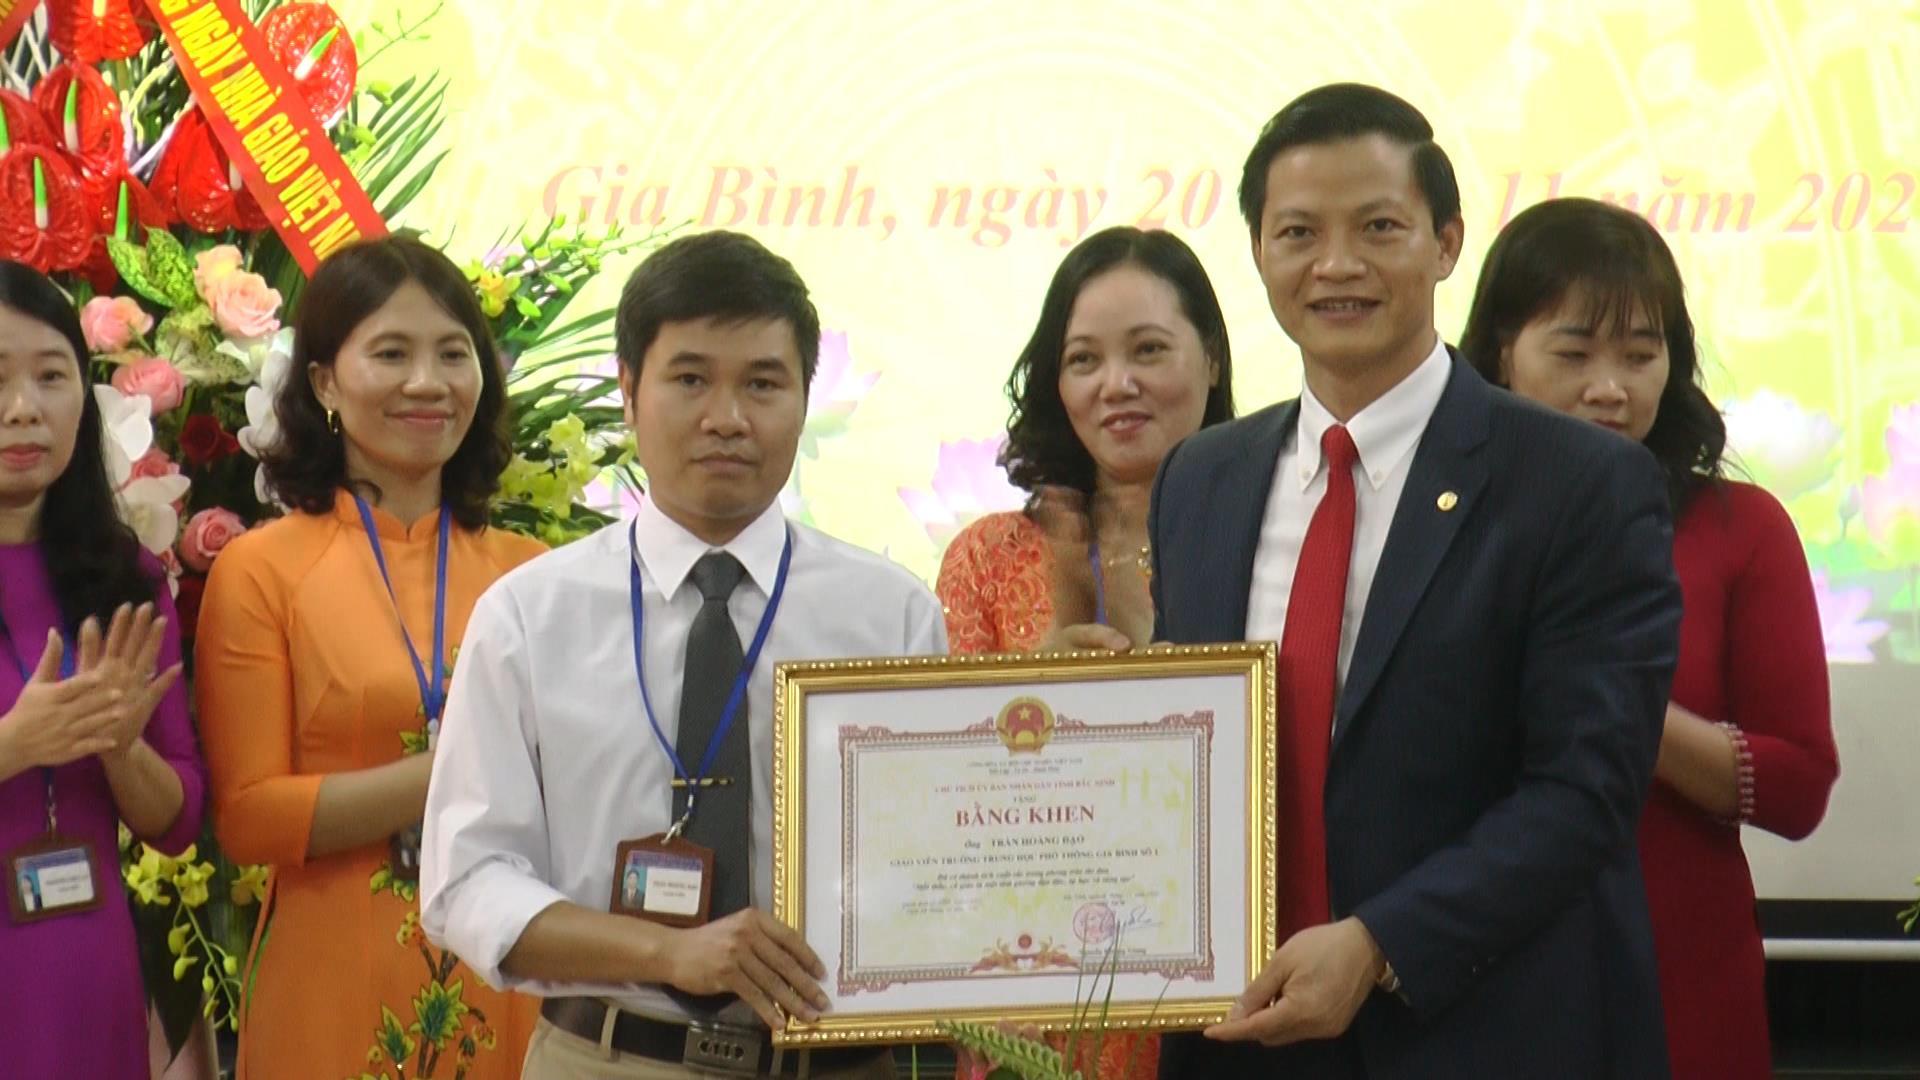 Phó Chủ tịch Thường trực UBND tỉnh chúc mừng  ngày Nhà giáo Việt Nam tại Trường THPT Gia Bình số I